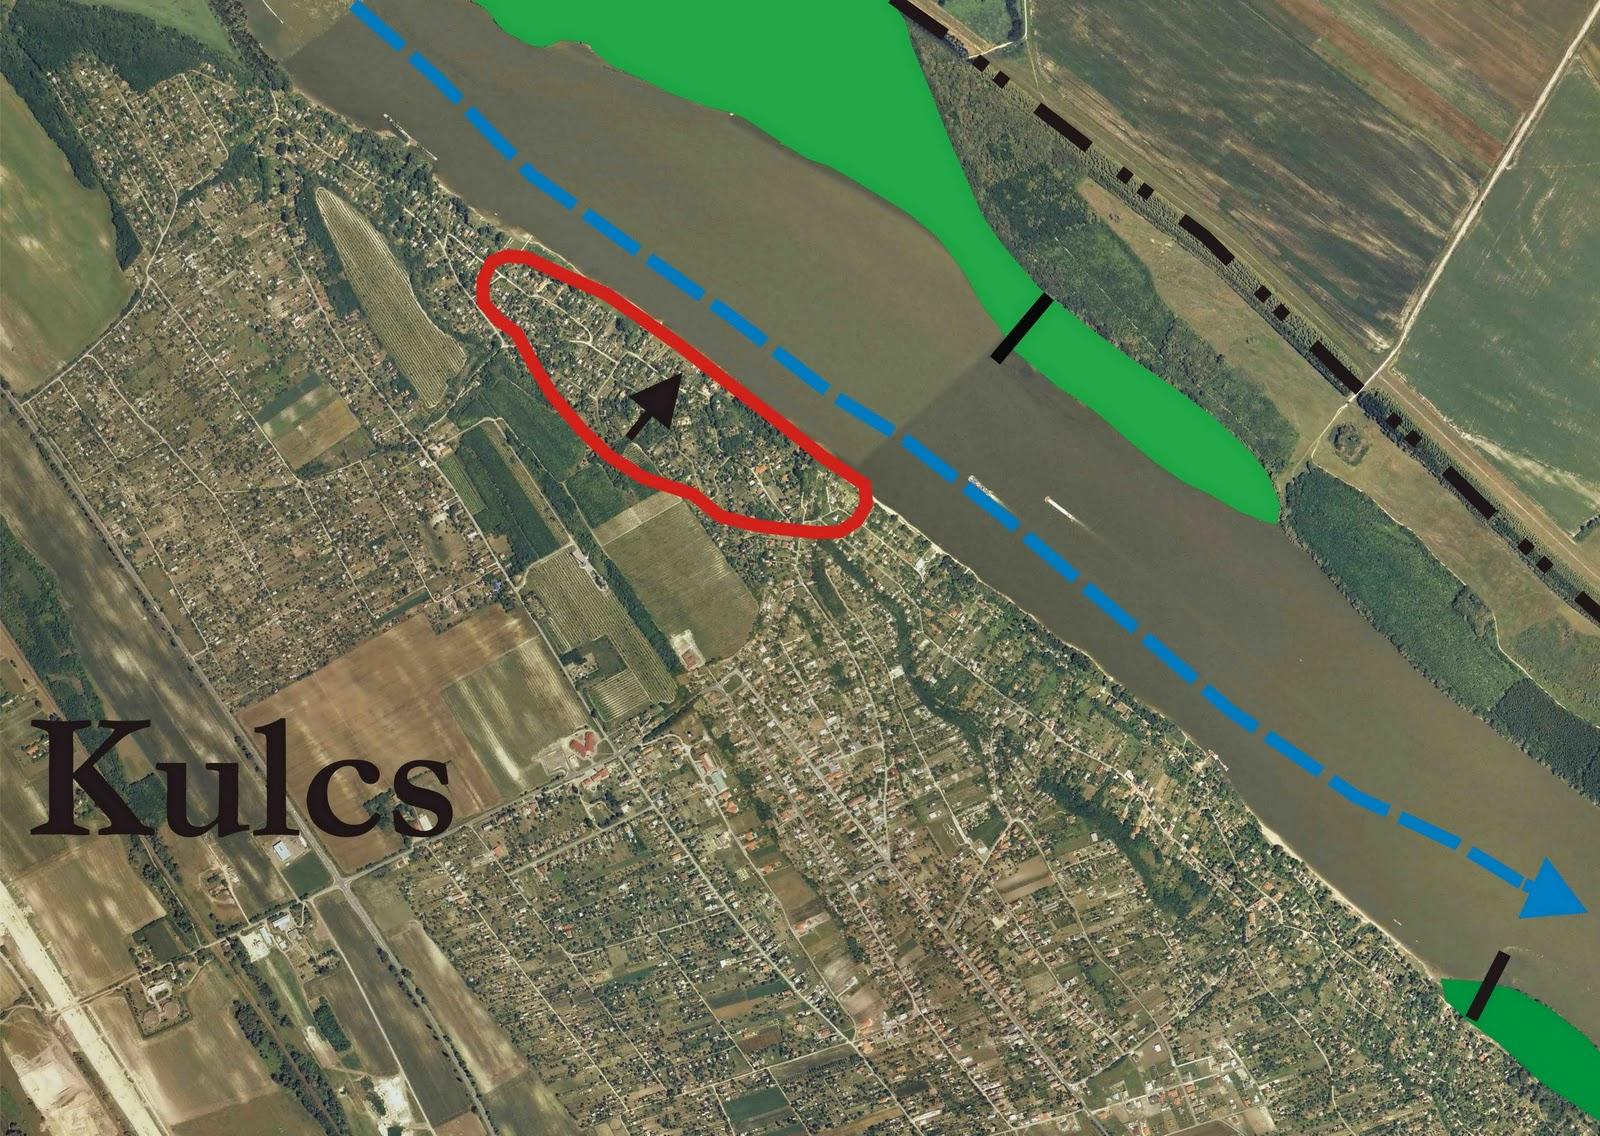 kulcs térkép Dunai Szigetek: Löszfalomlás a Duna szabályozás következtében 2011  kulcs térkép